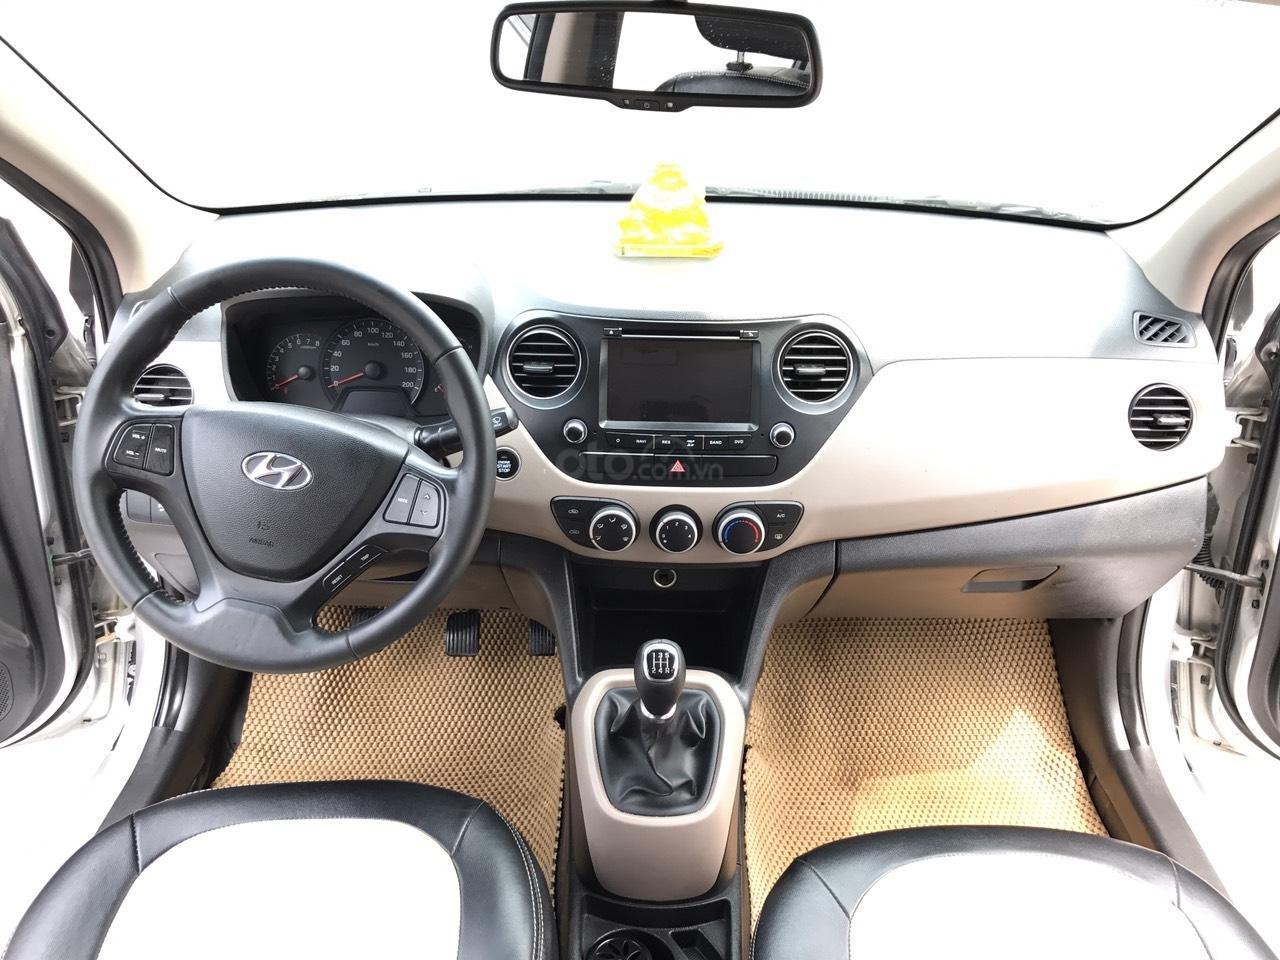 Cần bán xe Hyundai Grand i10 1.2 Sport 2016, màu bạc, nhập khẩu, siêu lướt-5